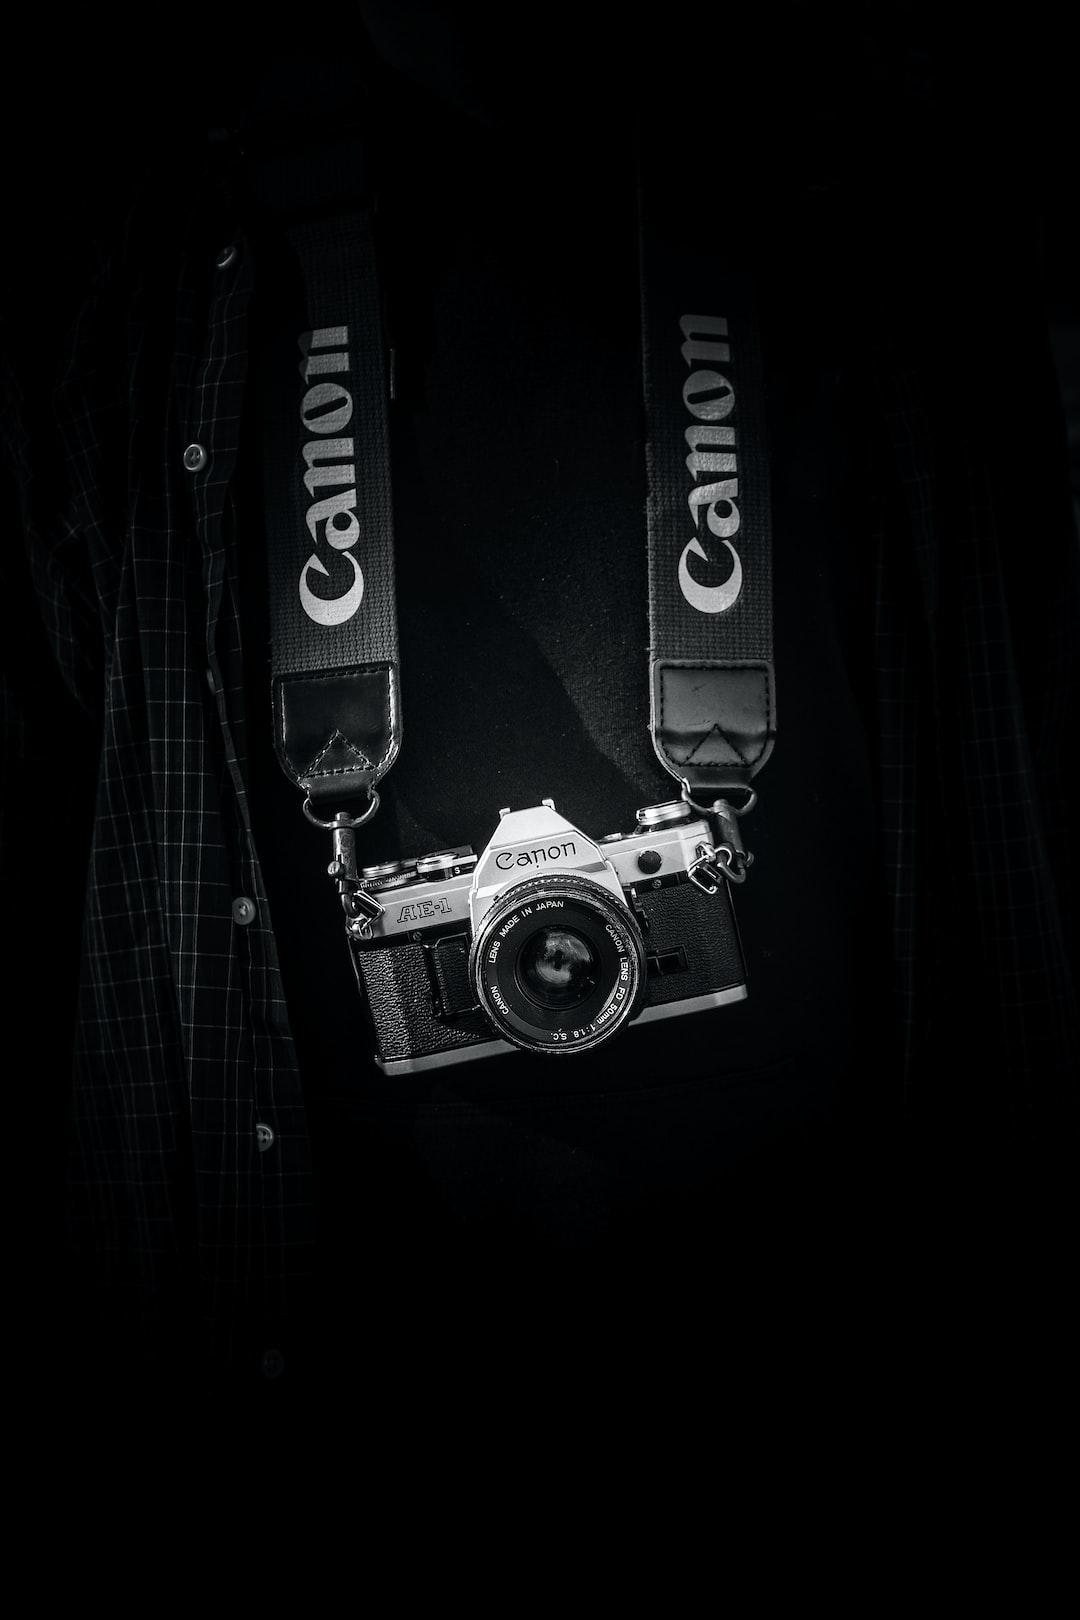 monochrome canon camera hangs